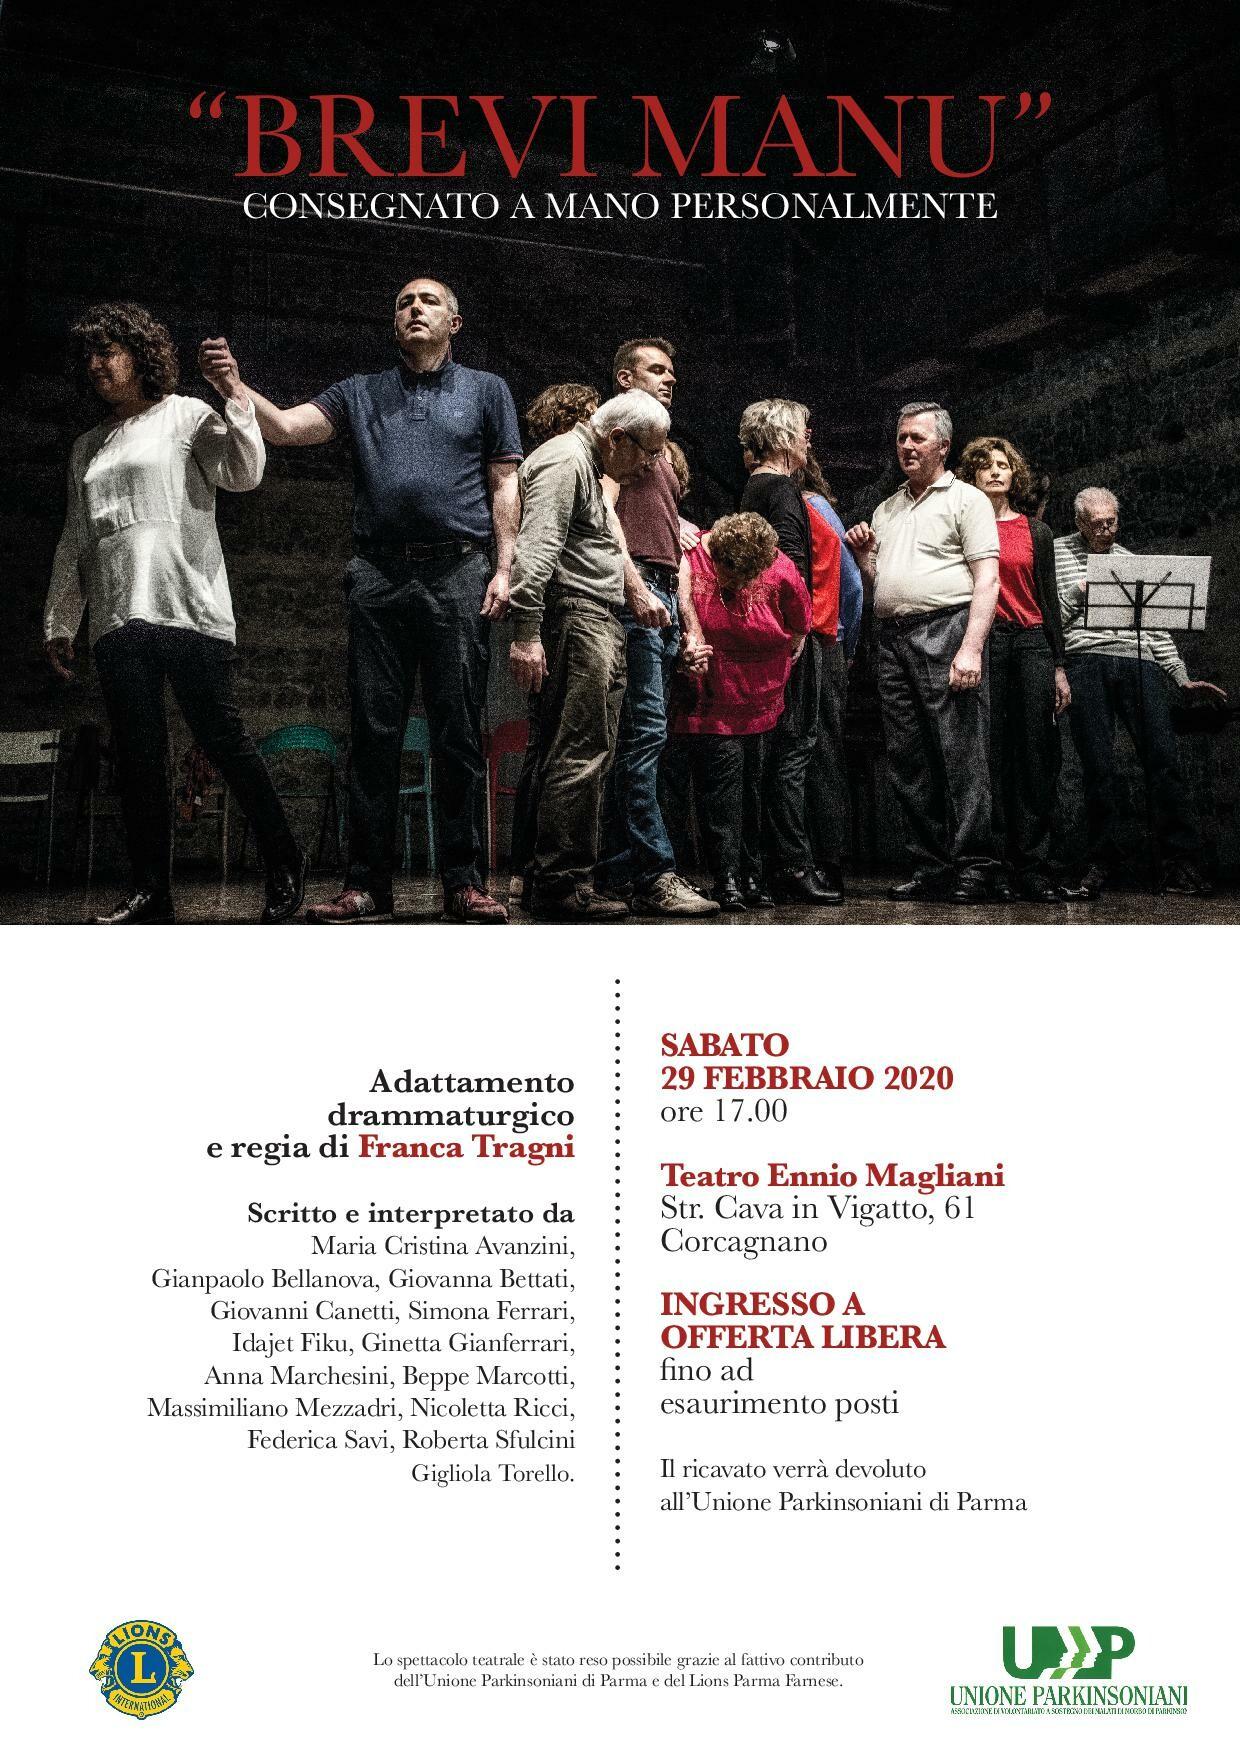 Brevi manu  al teatro Ennio Magliani